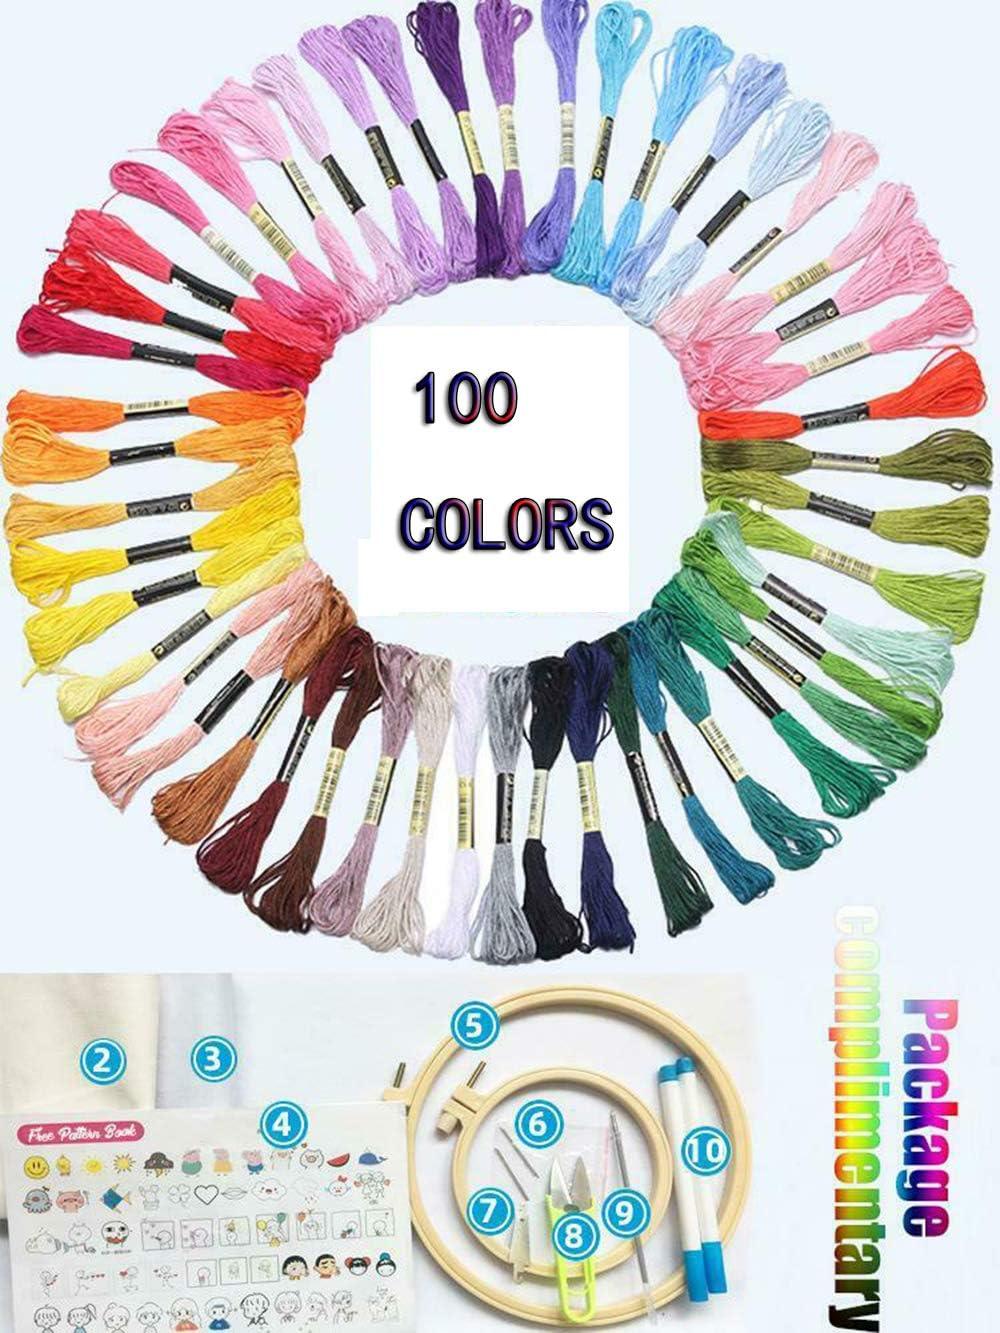 Kit de material de camiseta bordada a mano de bricolaje Kits de inicio de bordado de regalo con anillos de bambú Hilos de color y herramientas para adultos Principiante Principiante (B)